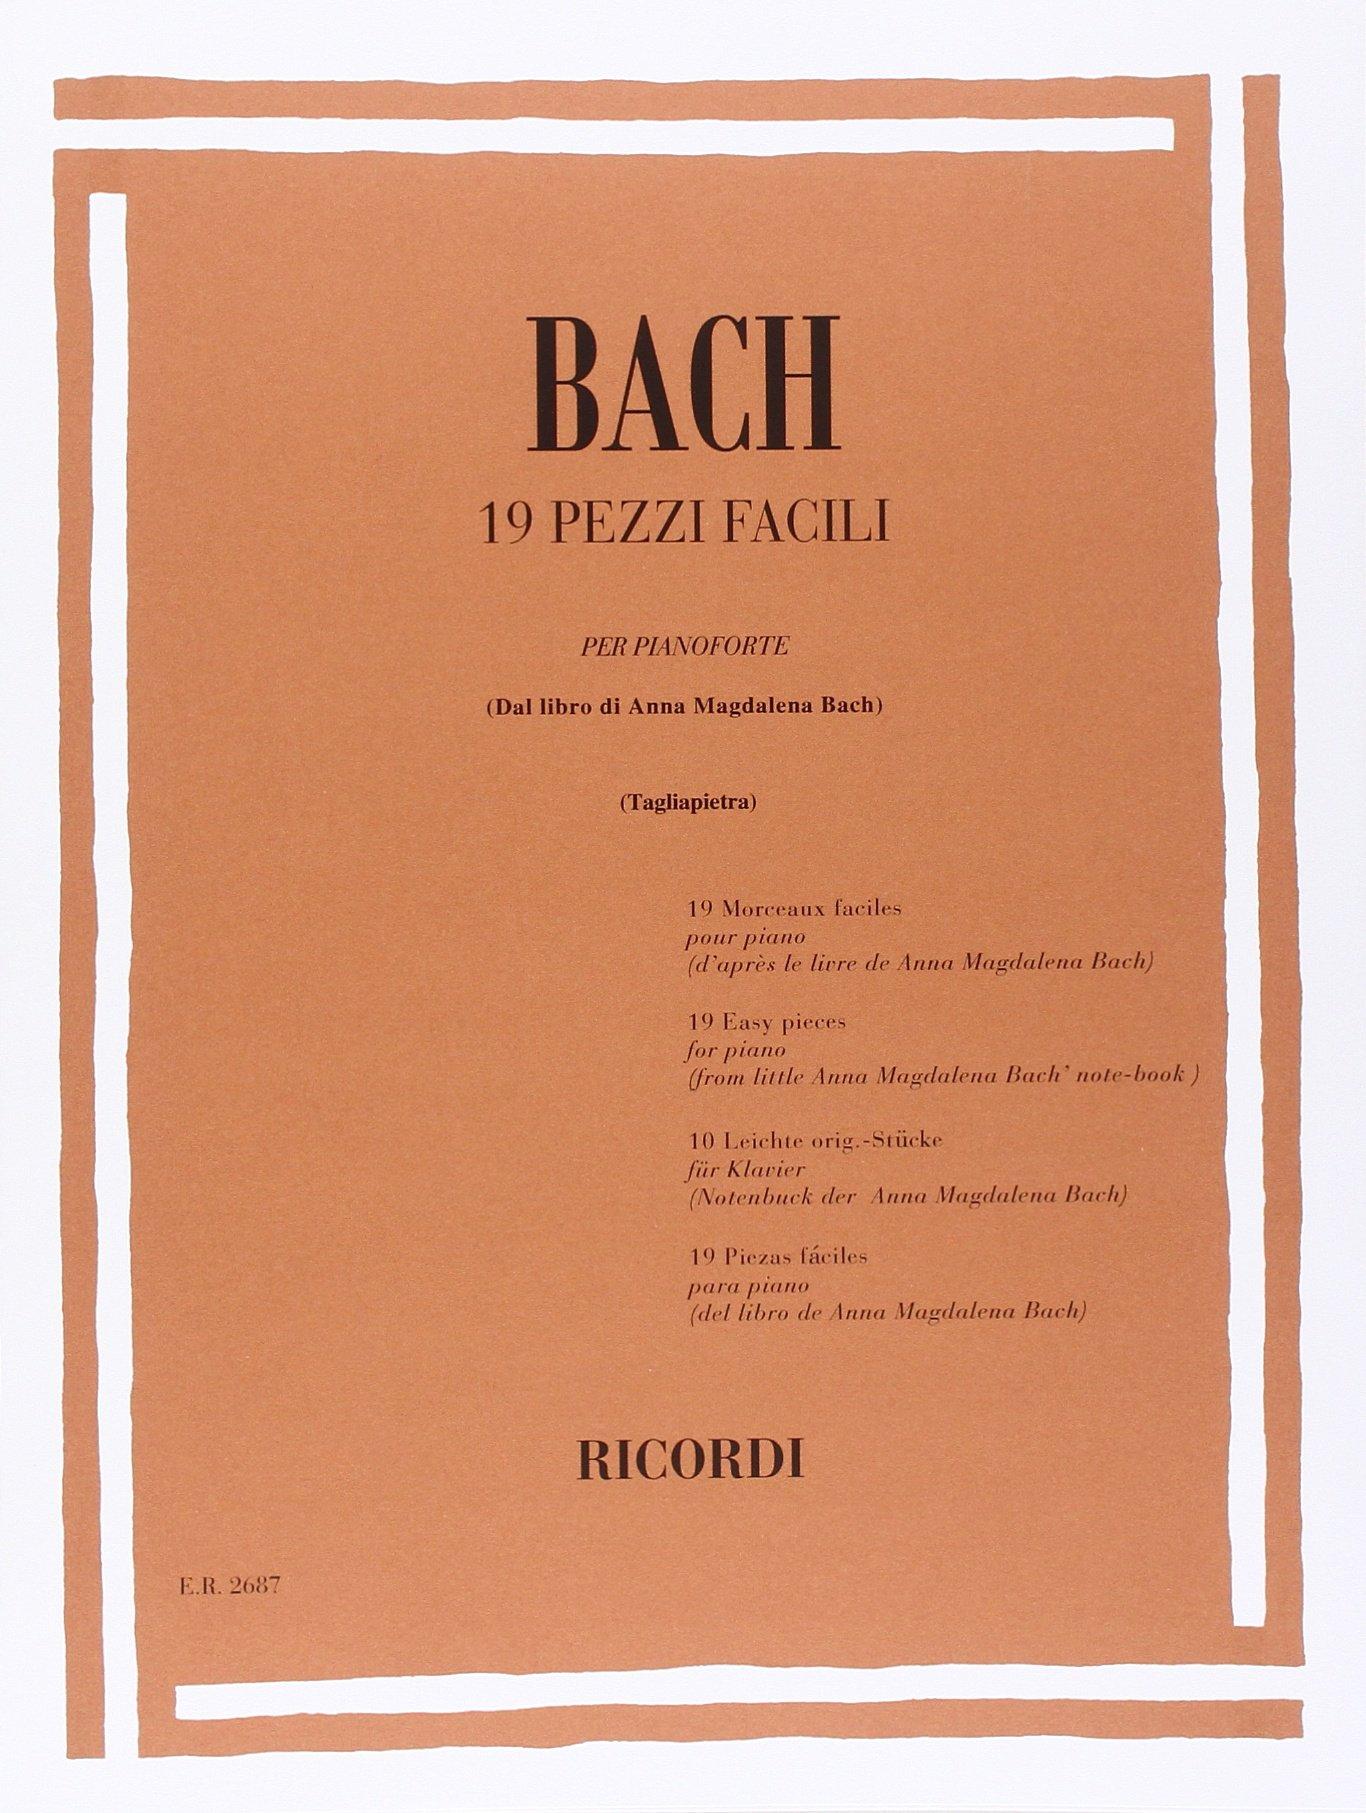 19 PEZZI FACILI (DAL LIBRO DI ANNA MAGDALENA) (Francese) BACH J.S. Ricordi 0041826876 Musique